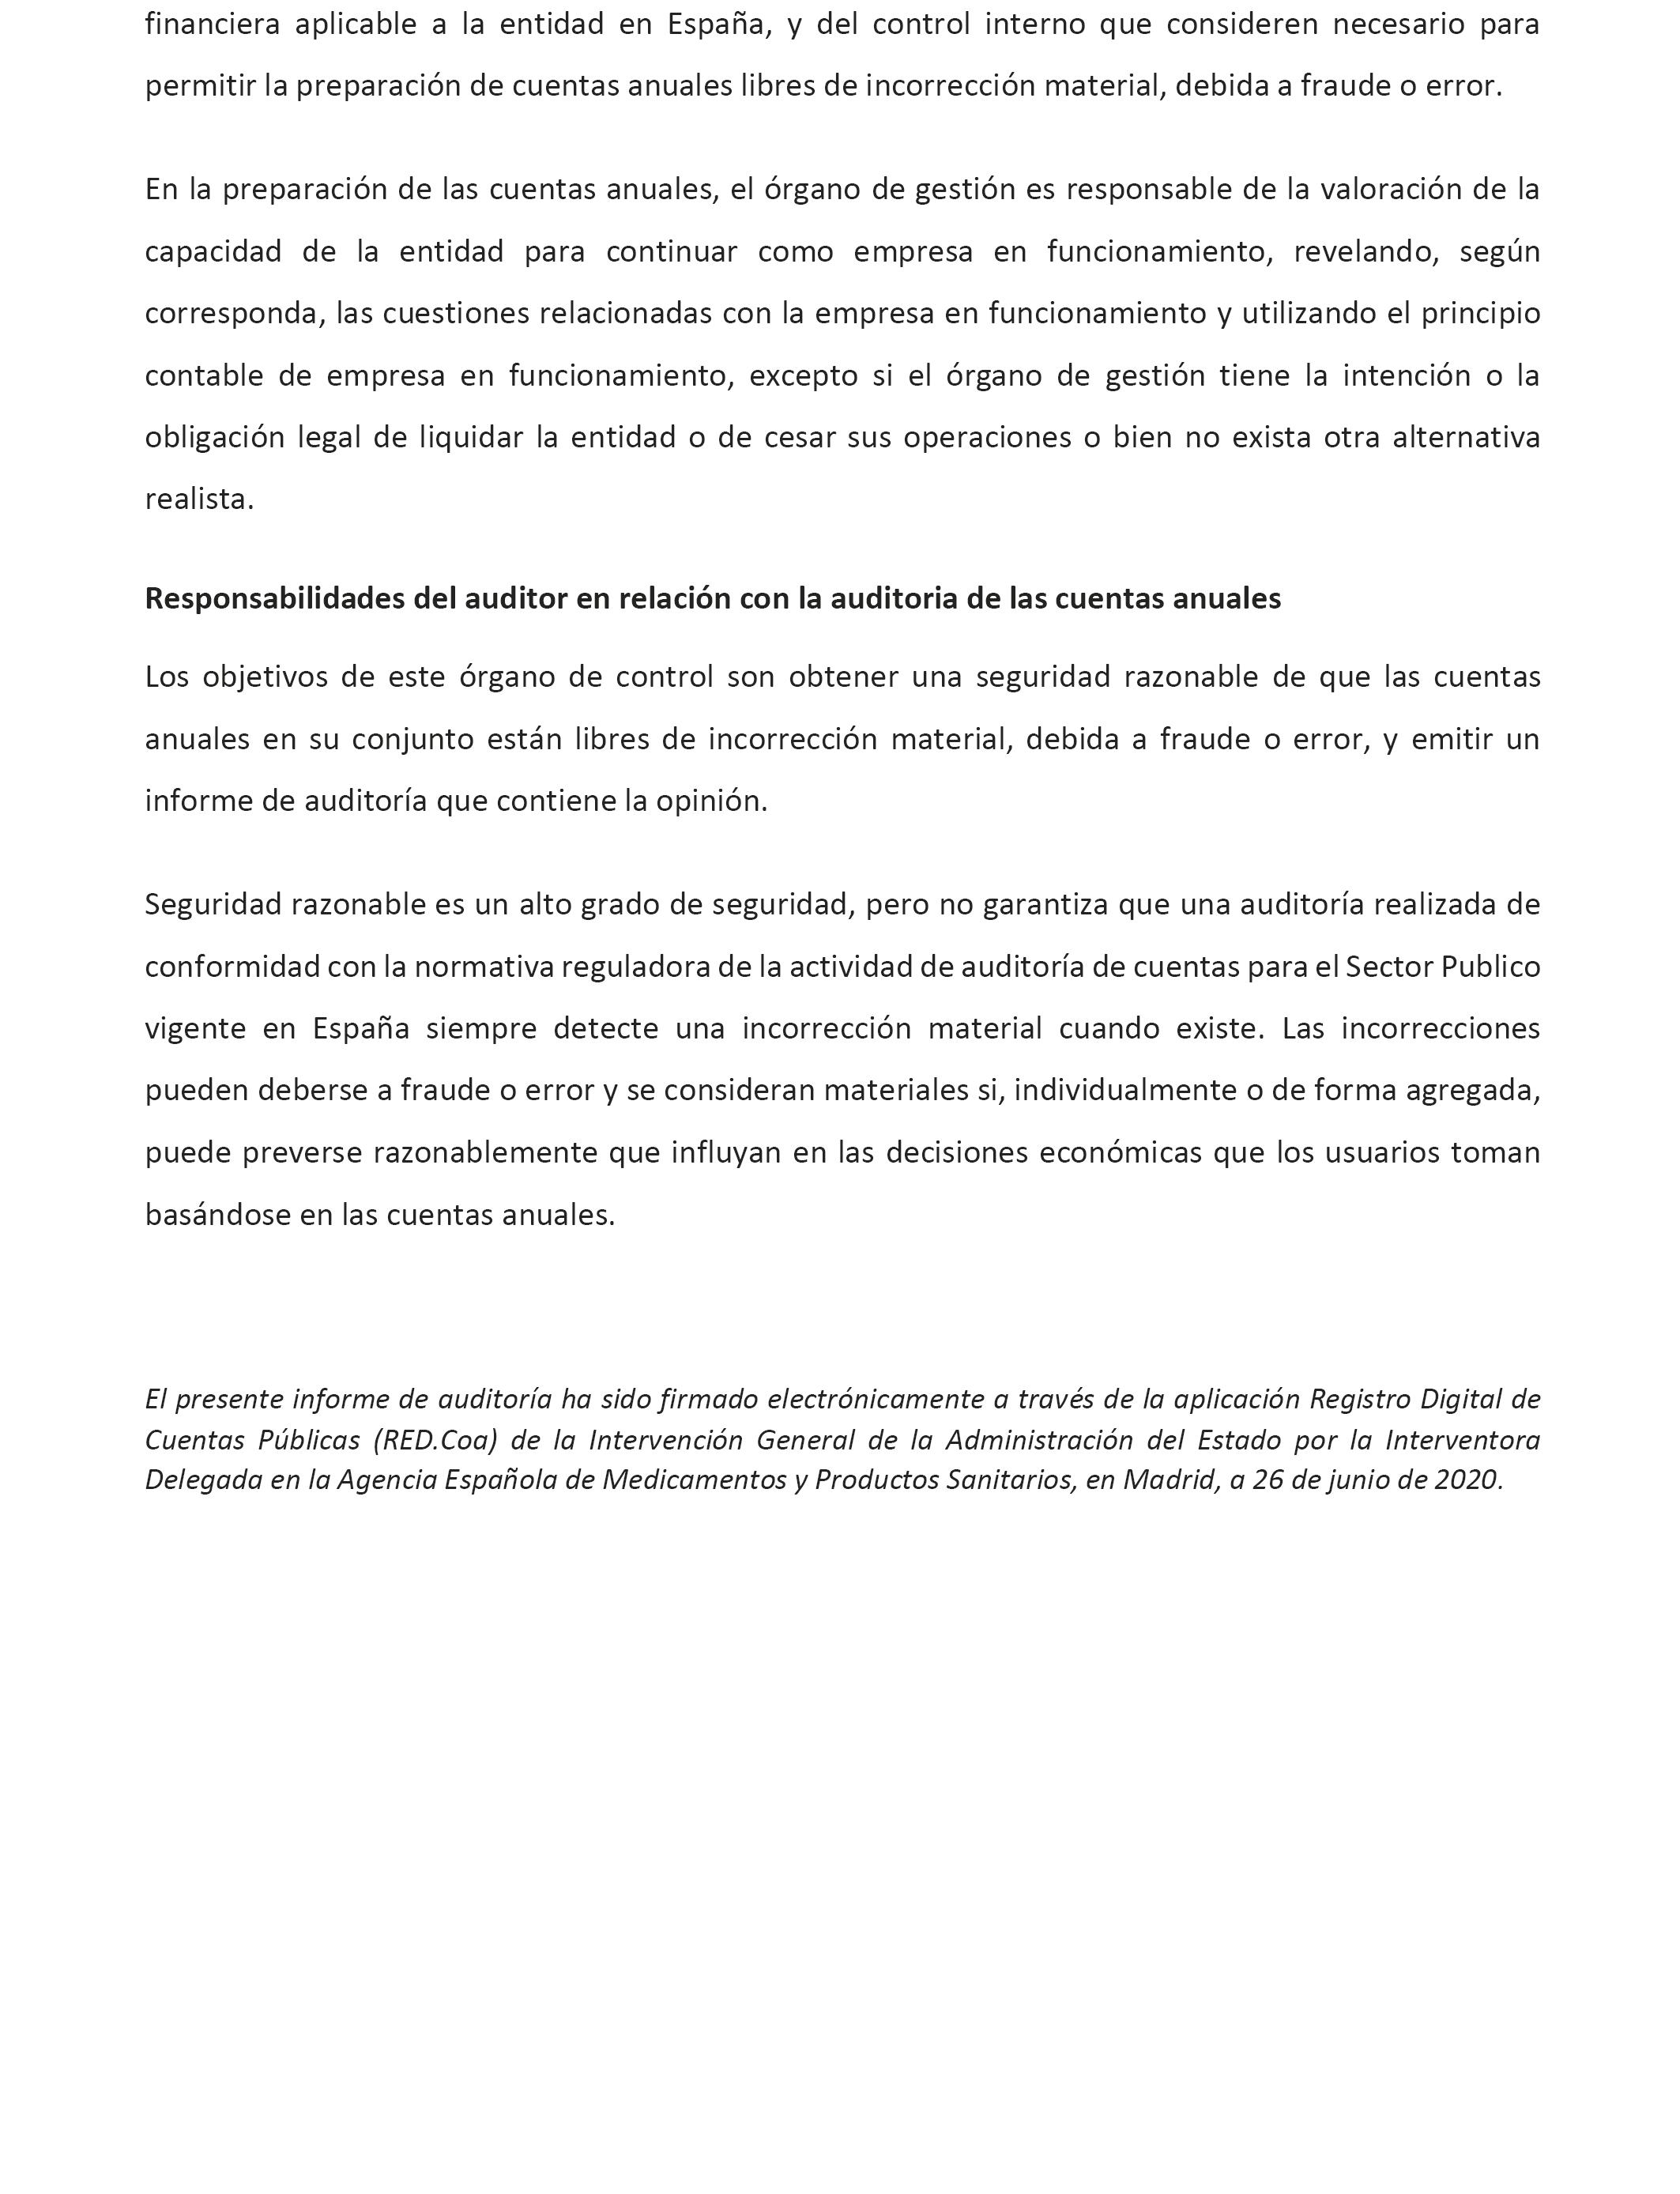 Boe Es Boe A 2020 8538 Resolución De 20 De Julio De 2020 De La Agencia Española De Medicamentos Y Productos Sanitarios Por La Que Se Publican Las Cuentas Anuales Del Ejercicio 2019 Y El